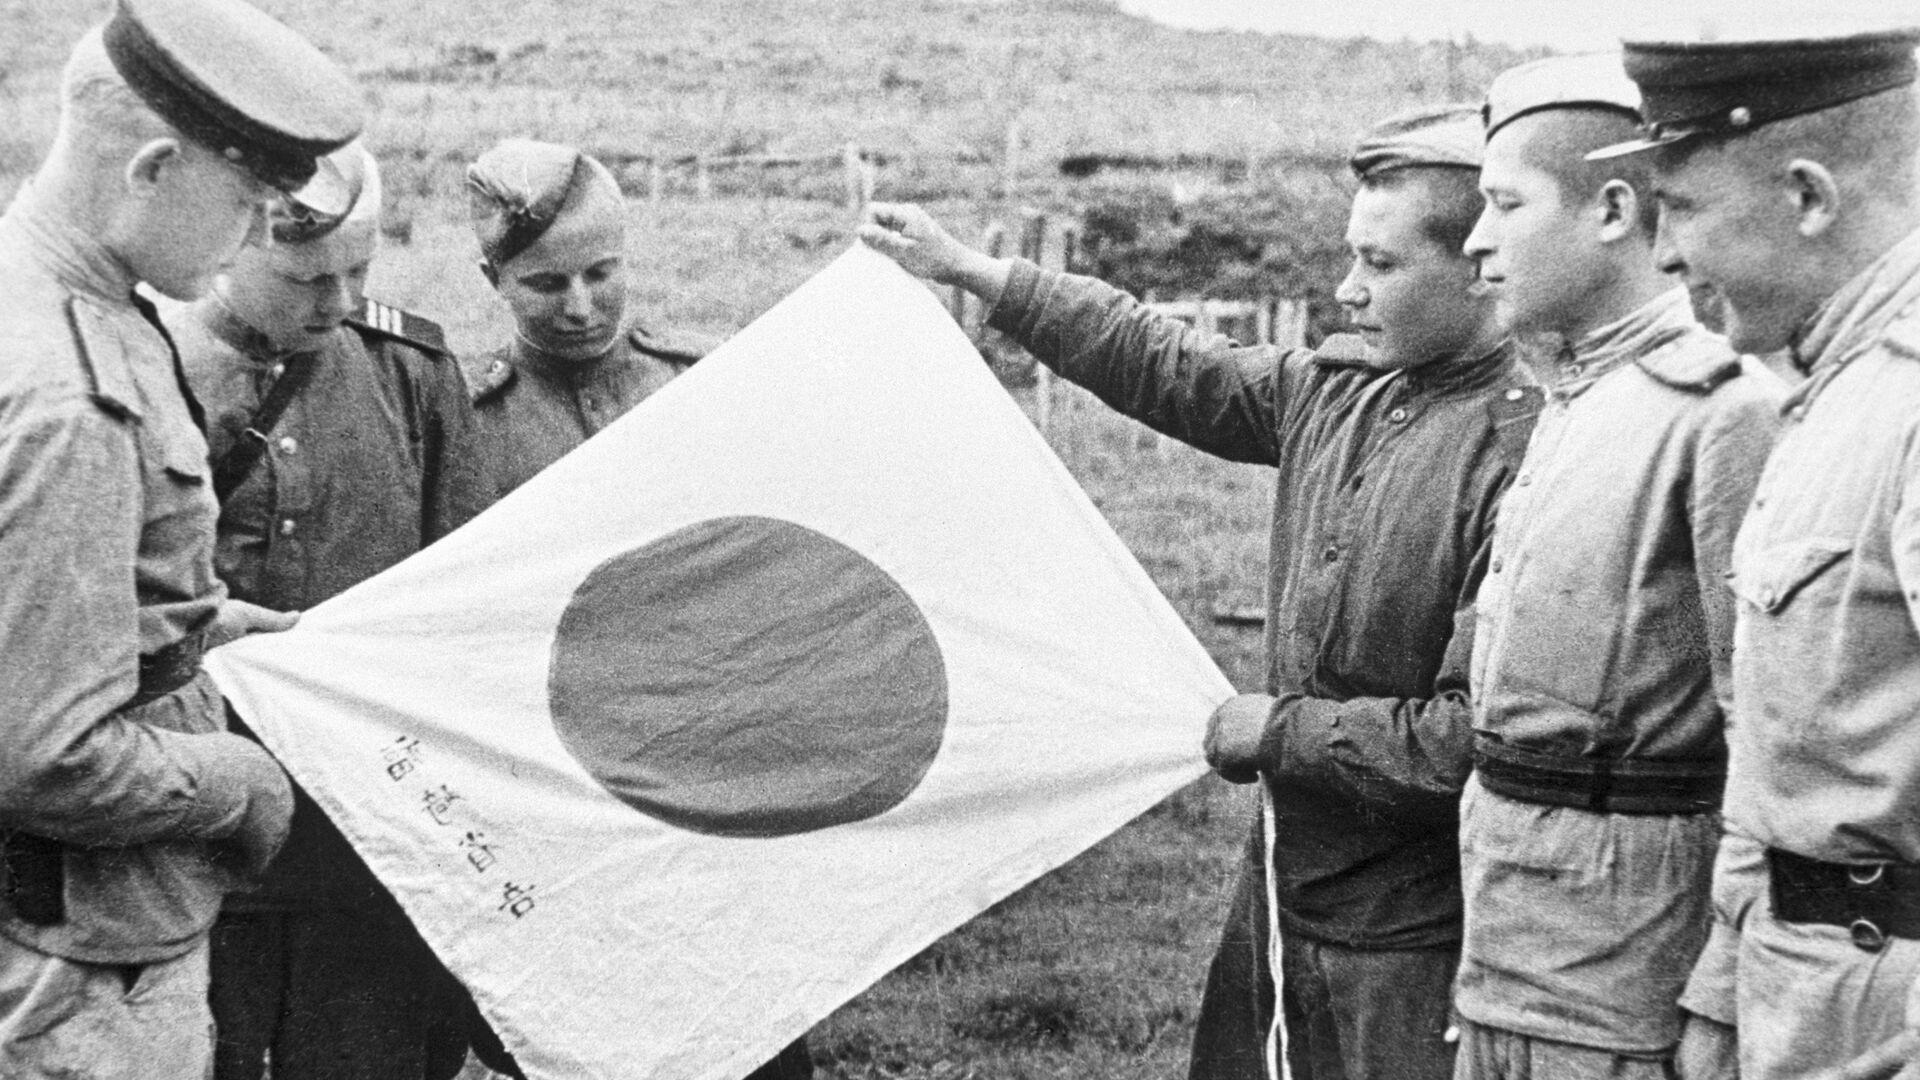 Советские воины рассматривают брошенный при отступлении японский флаг - РИА Новости, 1920, 20.08.2021